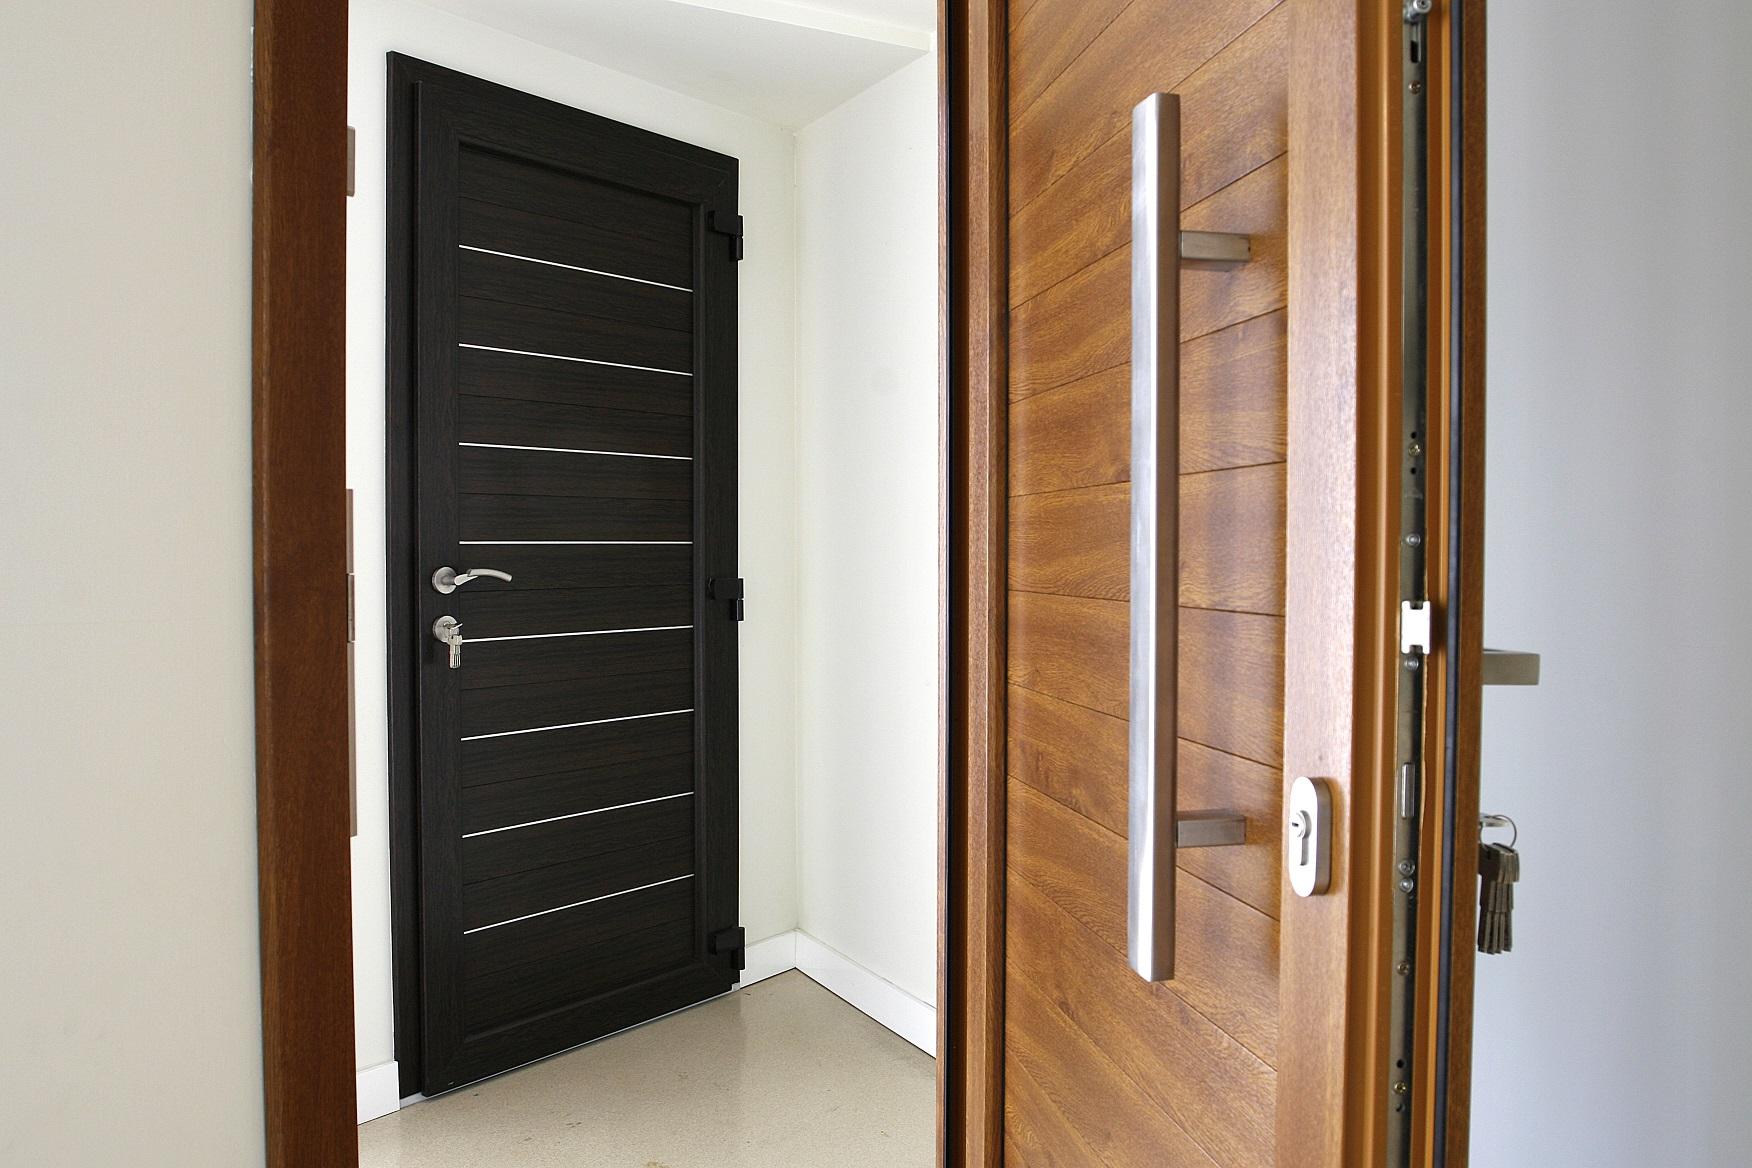 Nieuwe voordeur kopen? Kunststof voordeuren en houten voordeuren #voordeur #voordeuren